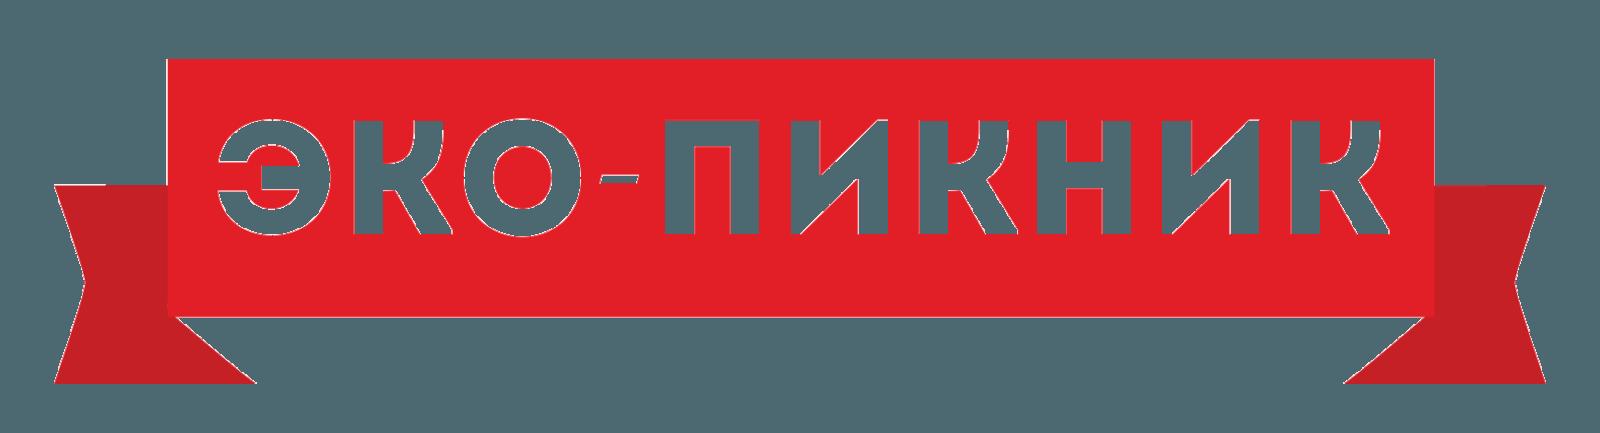 Летний праздник «Эко-пикник» пройдет в Москве